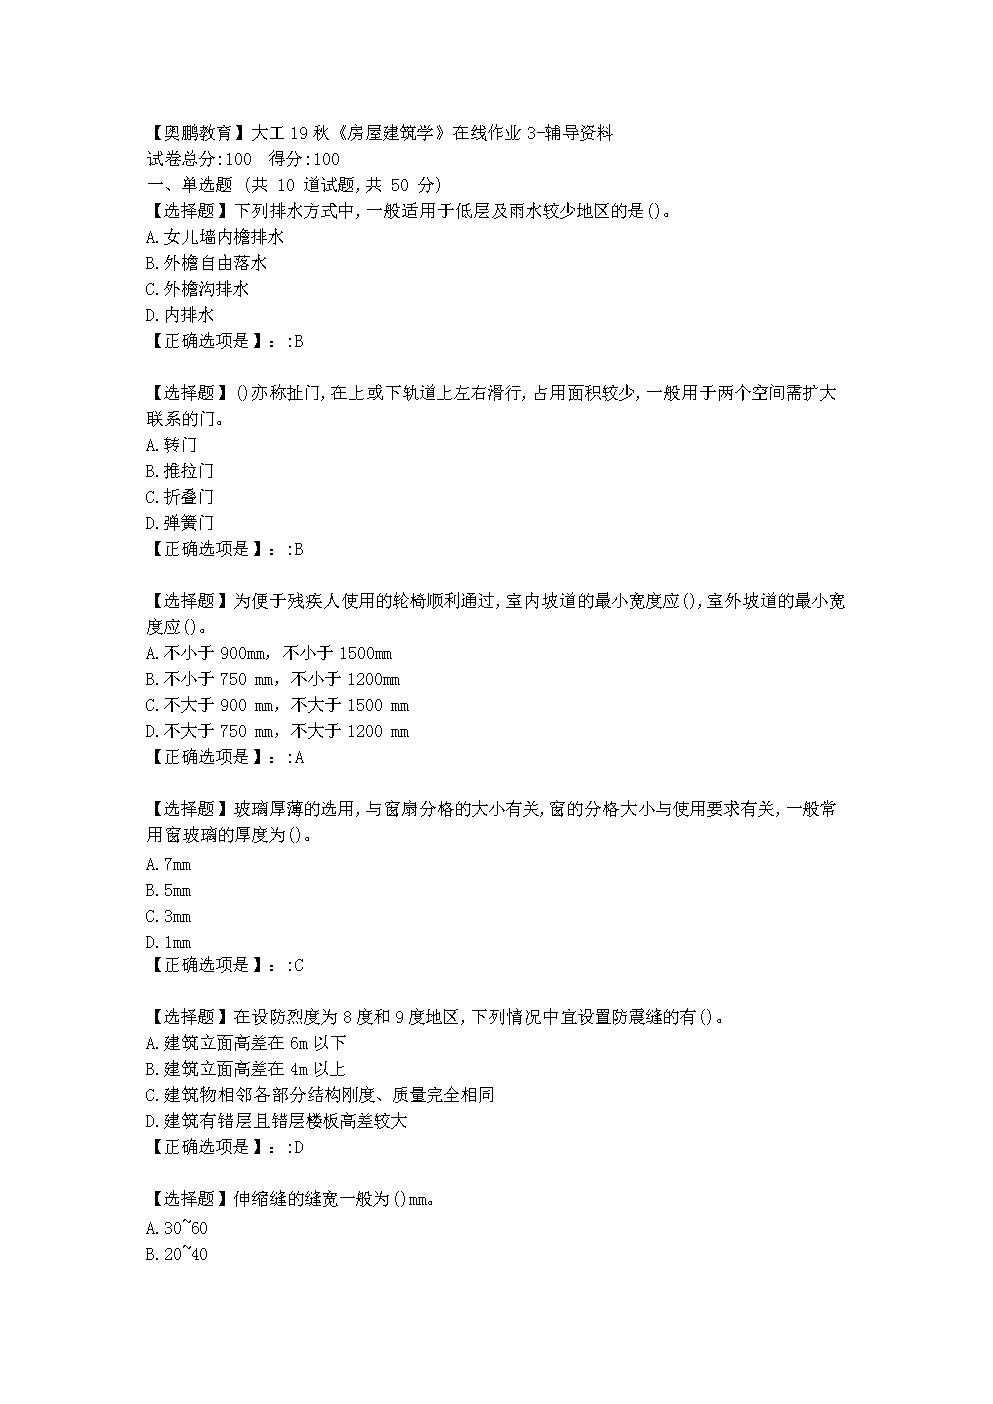 大连理工大学19秋《房屋建筑学》在线作业3学习资料.doc